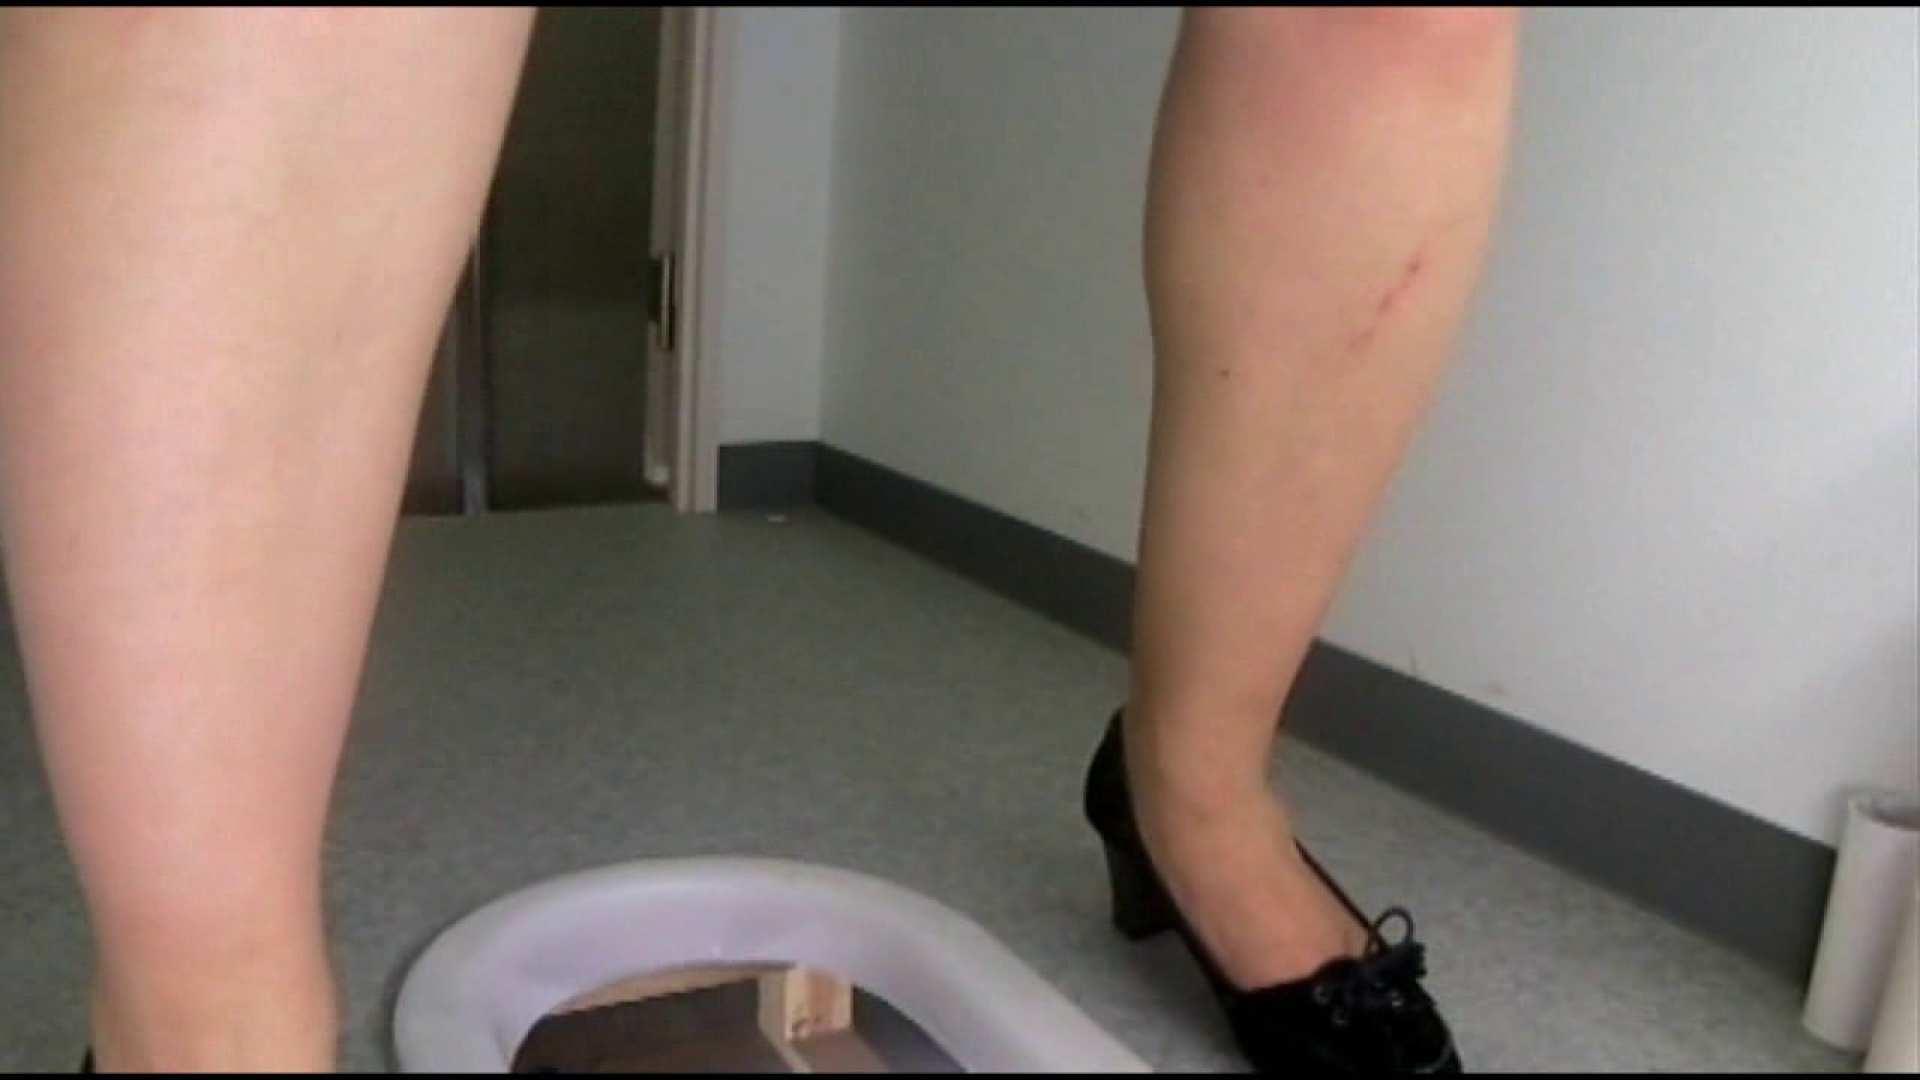 和式にまたがる女たちを待ちうけるカメラの衝撃映像vol.01 盗撮師作品 オマンコ動画キャプチャ 106pic 86